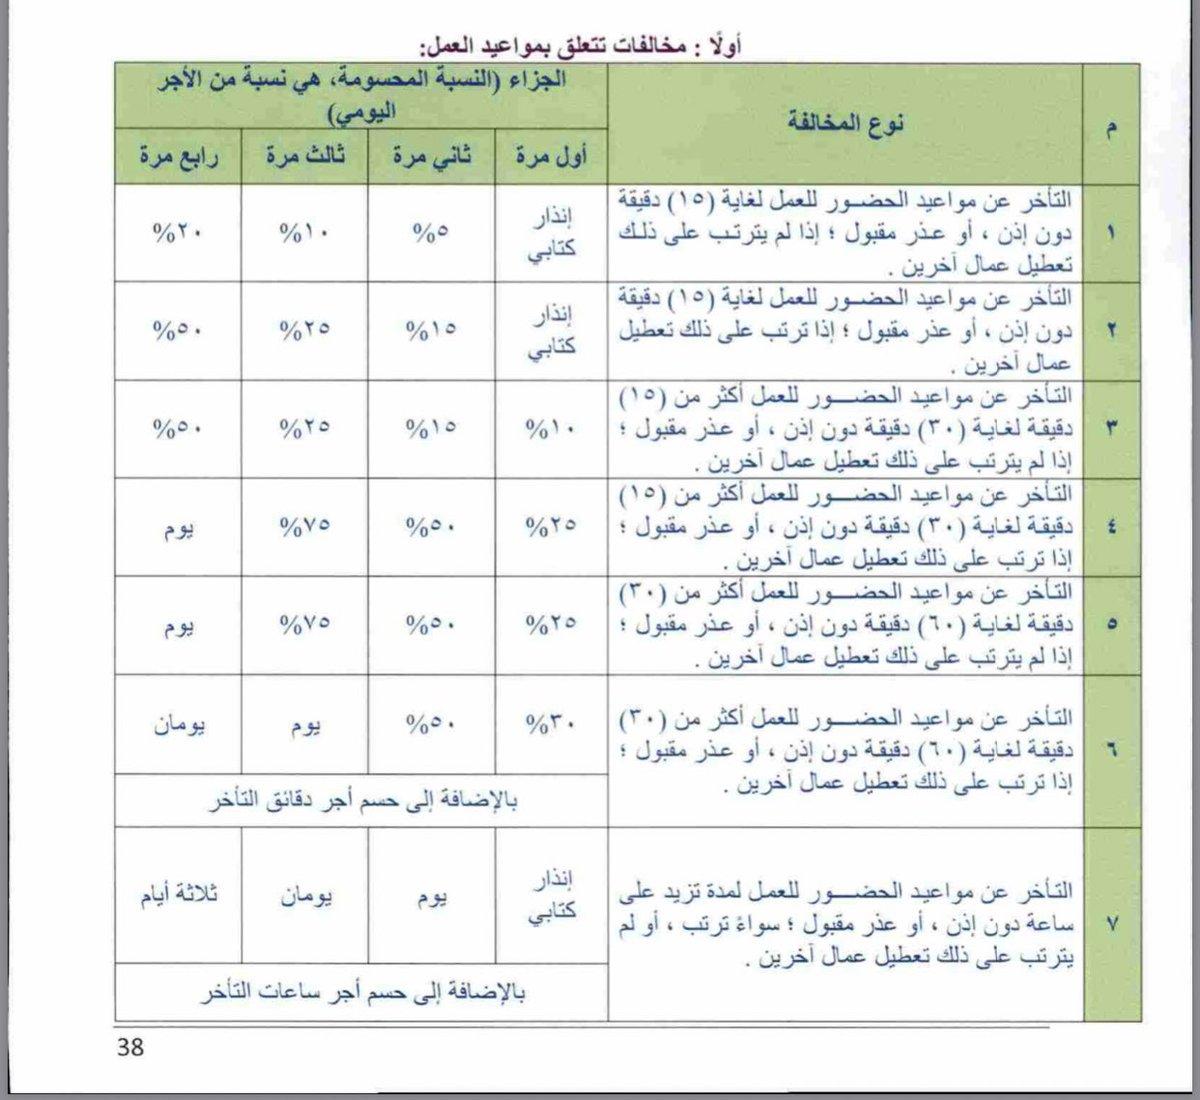 شرح نظام العمل السعودي Su Twitter ١ التاخير بدون إذن او عذر يعتبر مخالفة ٢ يتم التعامل مع المخالفة حسب لائحة تنظيم العمل